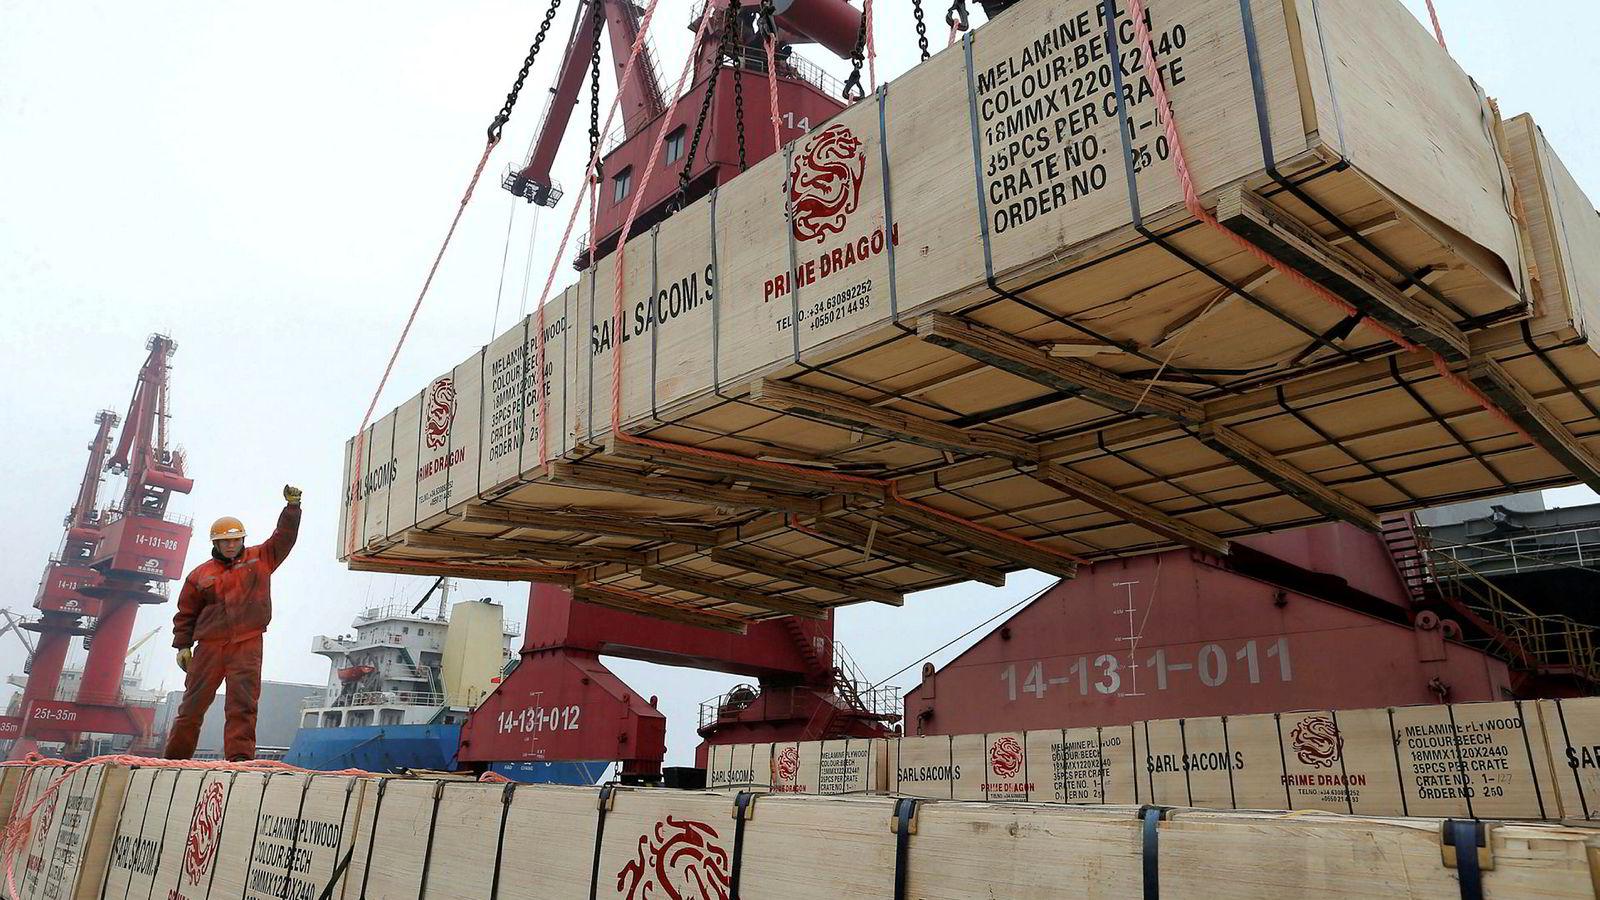 Den negative utviklingen i Kinas handel snudde i mars, ifølge foreløpige rapporter. Verdens handelsorganisasjon (WTO) venter at den globale handelsveksten vil bli betydelig lavere i år – selv om de går mot en løsning i handelskrigen mellom USA og Kina